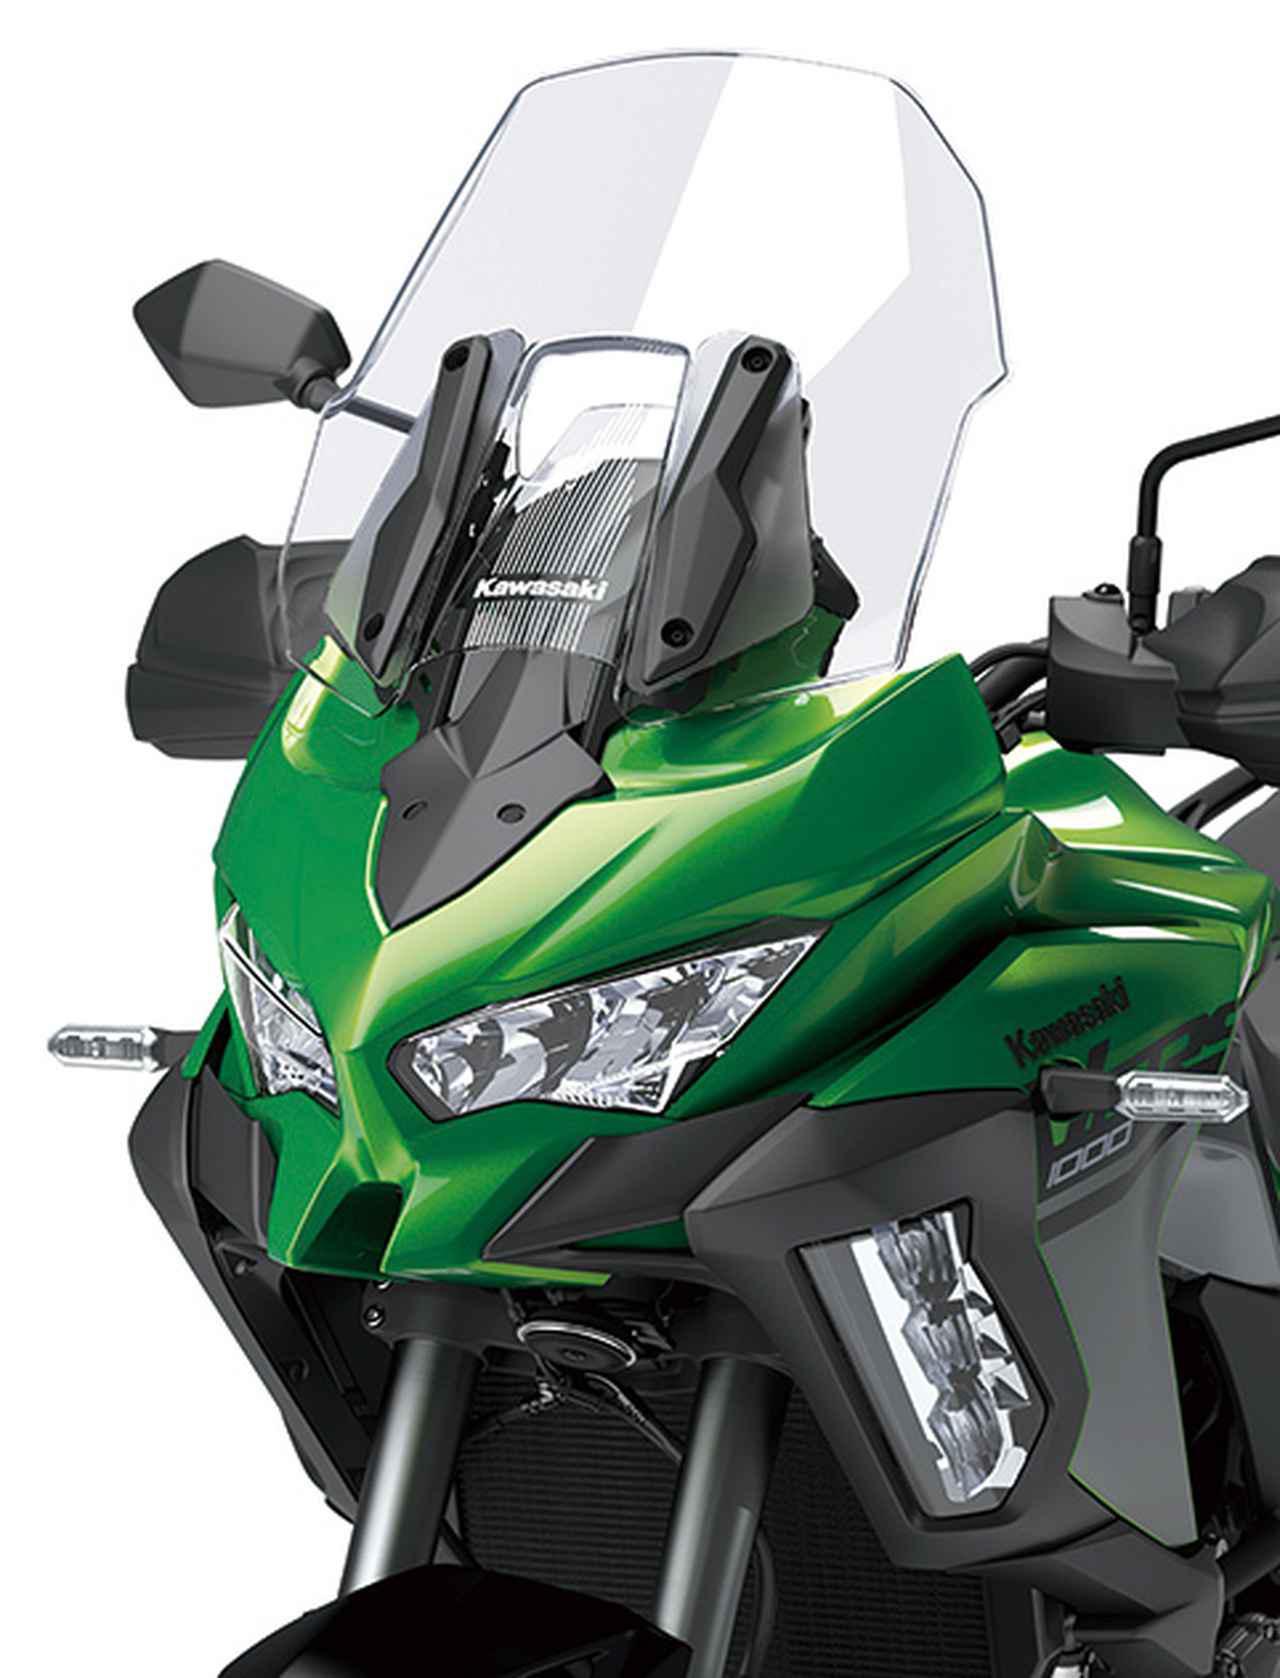 画像: 最新のニンジャシリーズにも似た、逆スラントデザインのヘッドライトが印象的なマスク。SEはコーナリングランプも標準。